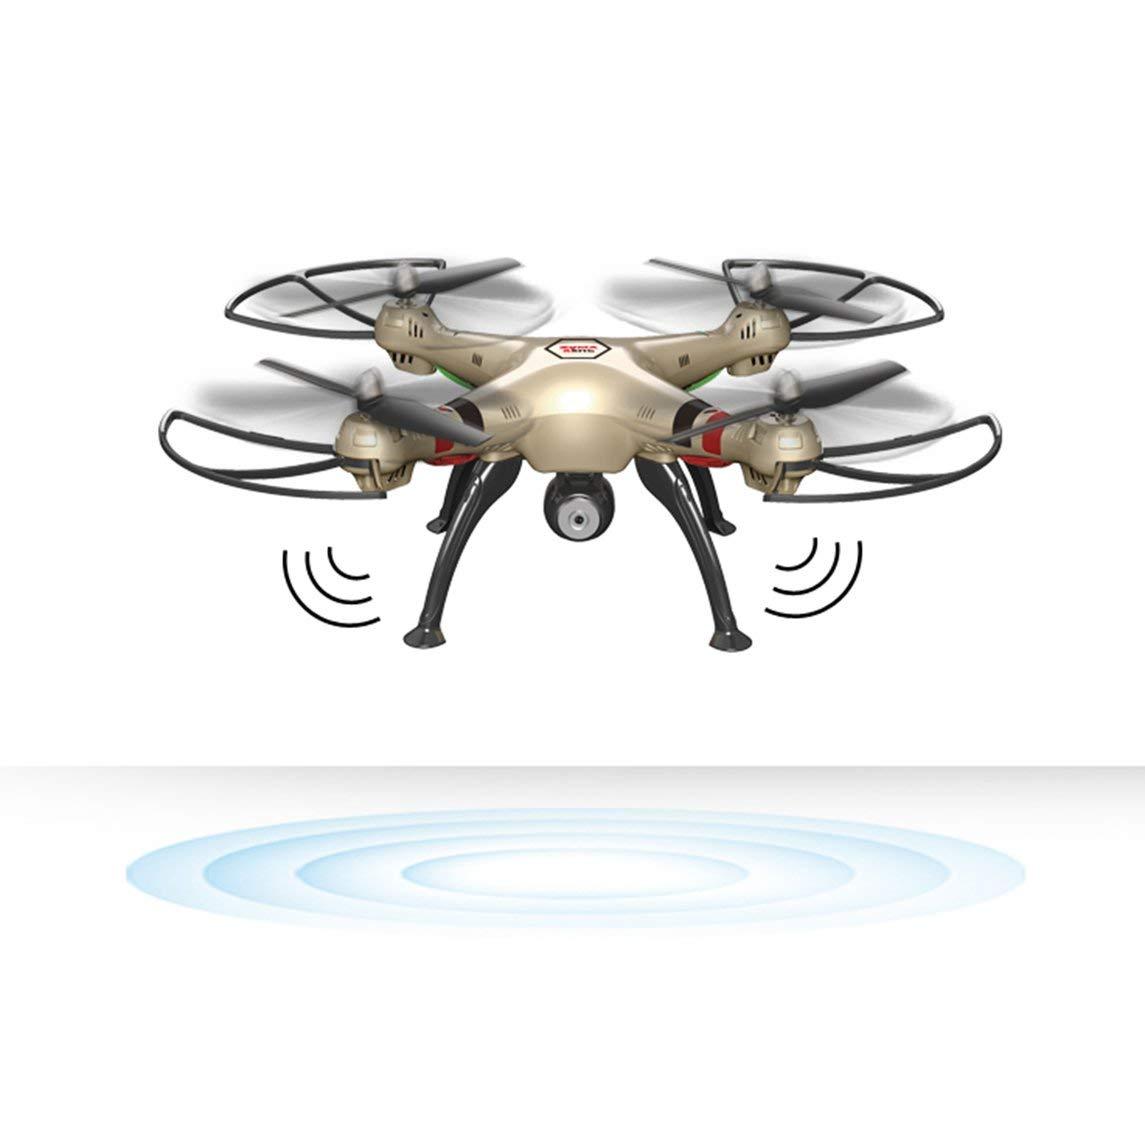 Footprintse Drohne mit WiFi HD Kamera Hubschrauber Quadcopter Dron mit Schwebefunktion-Farbe: Rose Gold